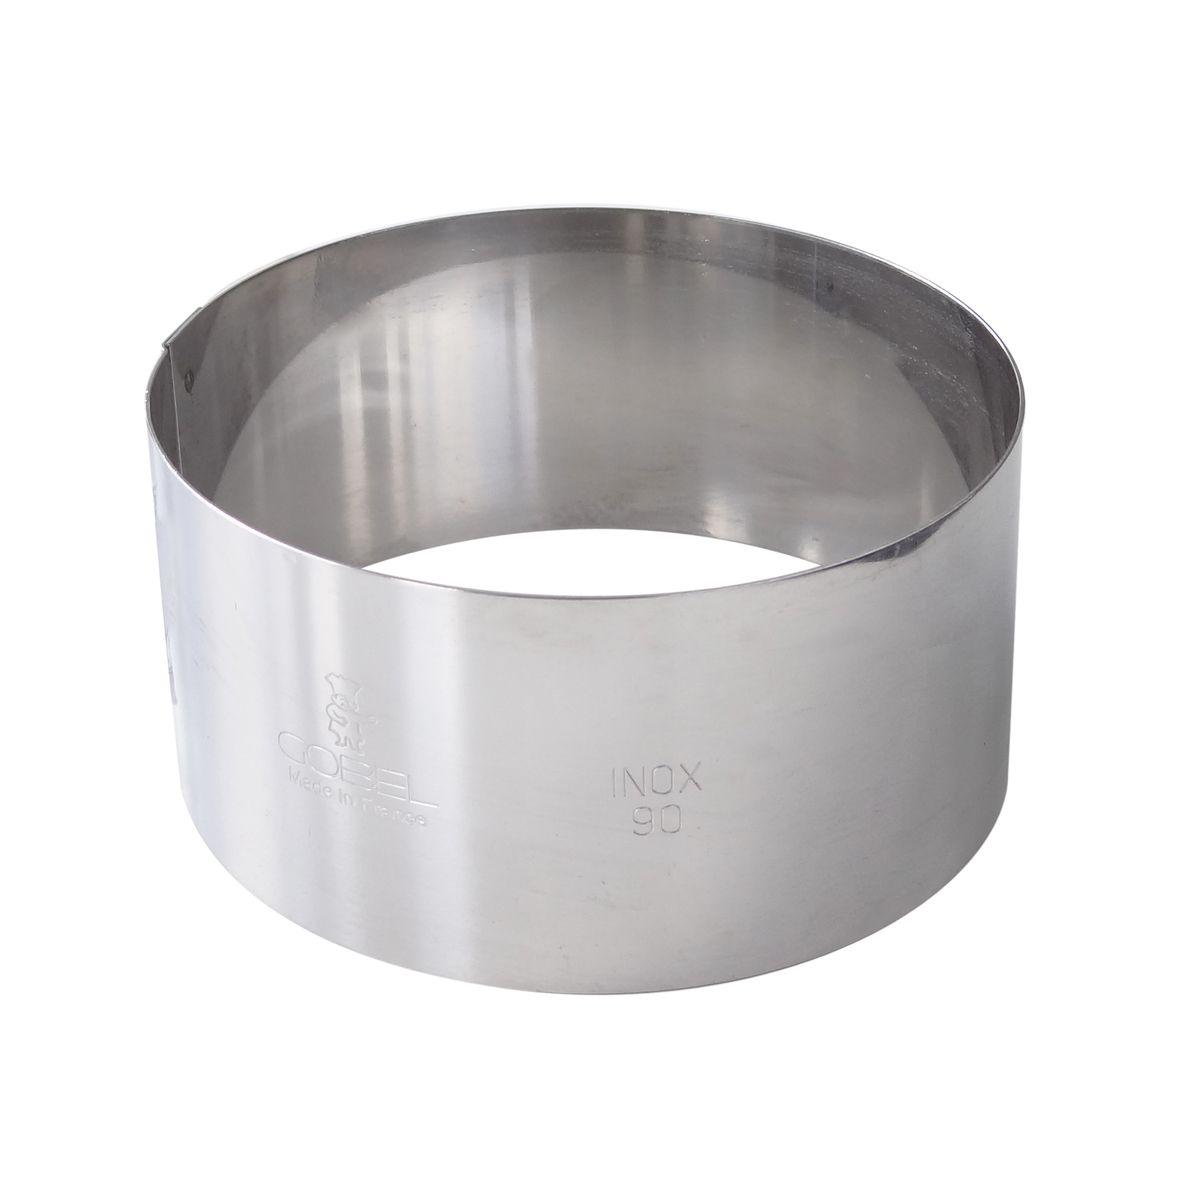 Cercle à mousse et entremet en inox 4/6 parts 20 cm hauteur 4.5 cm - Alice Délice